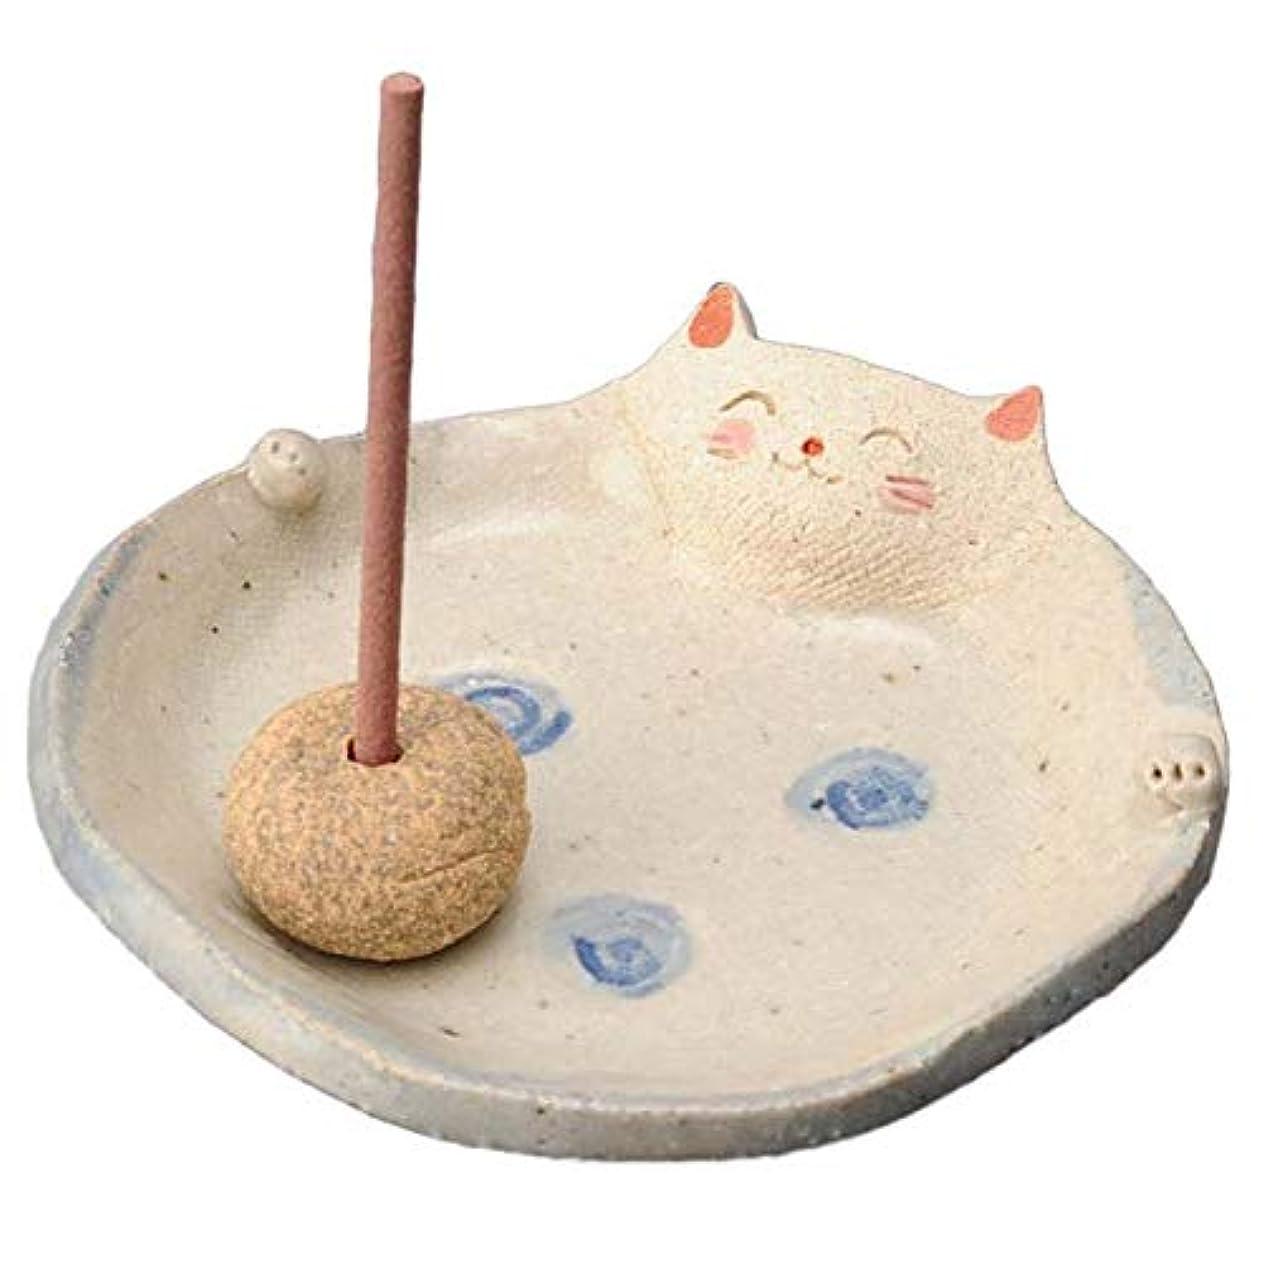 やがてチロマーキング手造り 香皿 香立て/ふっくら 香皿(ネコ) /香り アロマ 癒やし リラックス インテリア プレゼント 贈り物